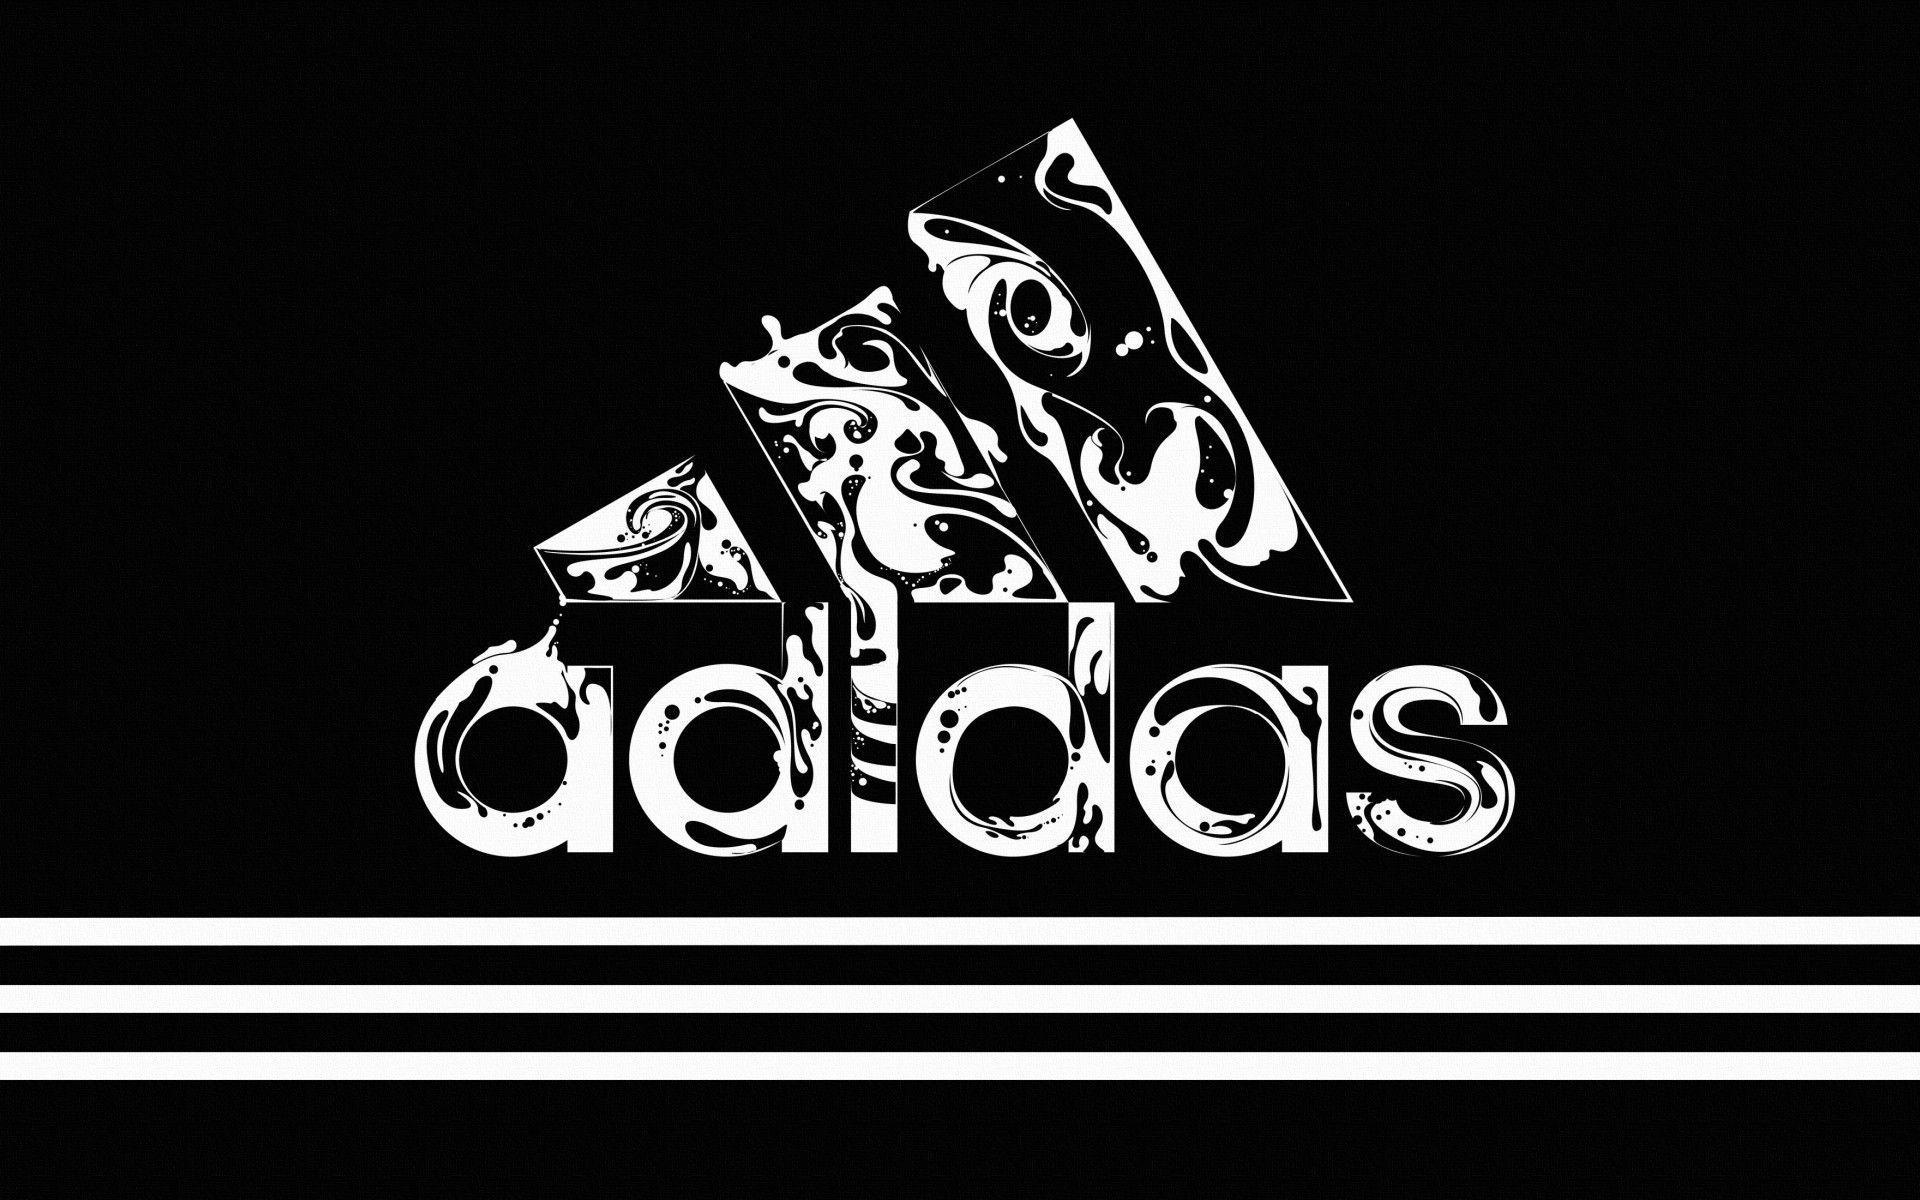 Cool adidas Logos 0bfb63d7264d